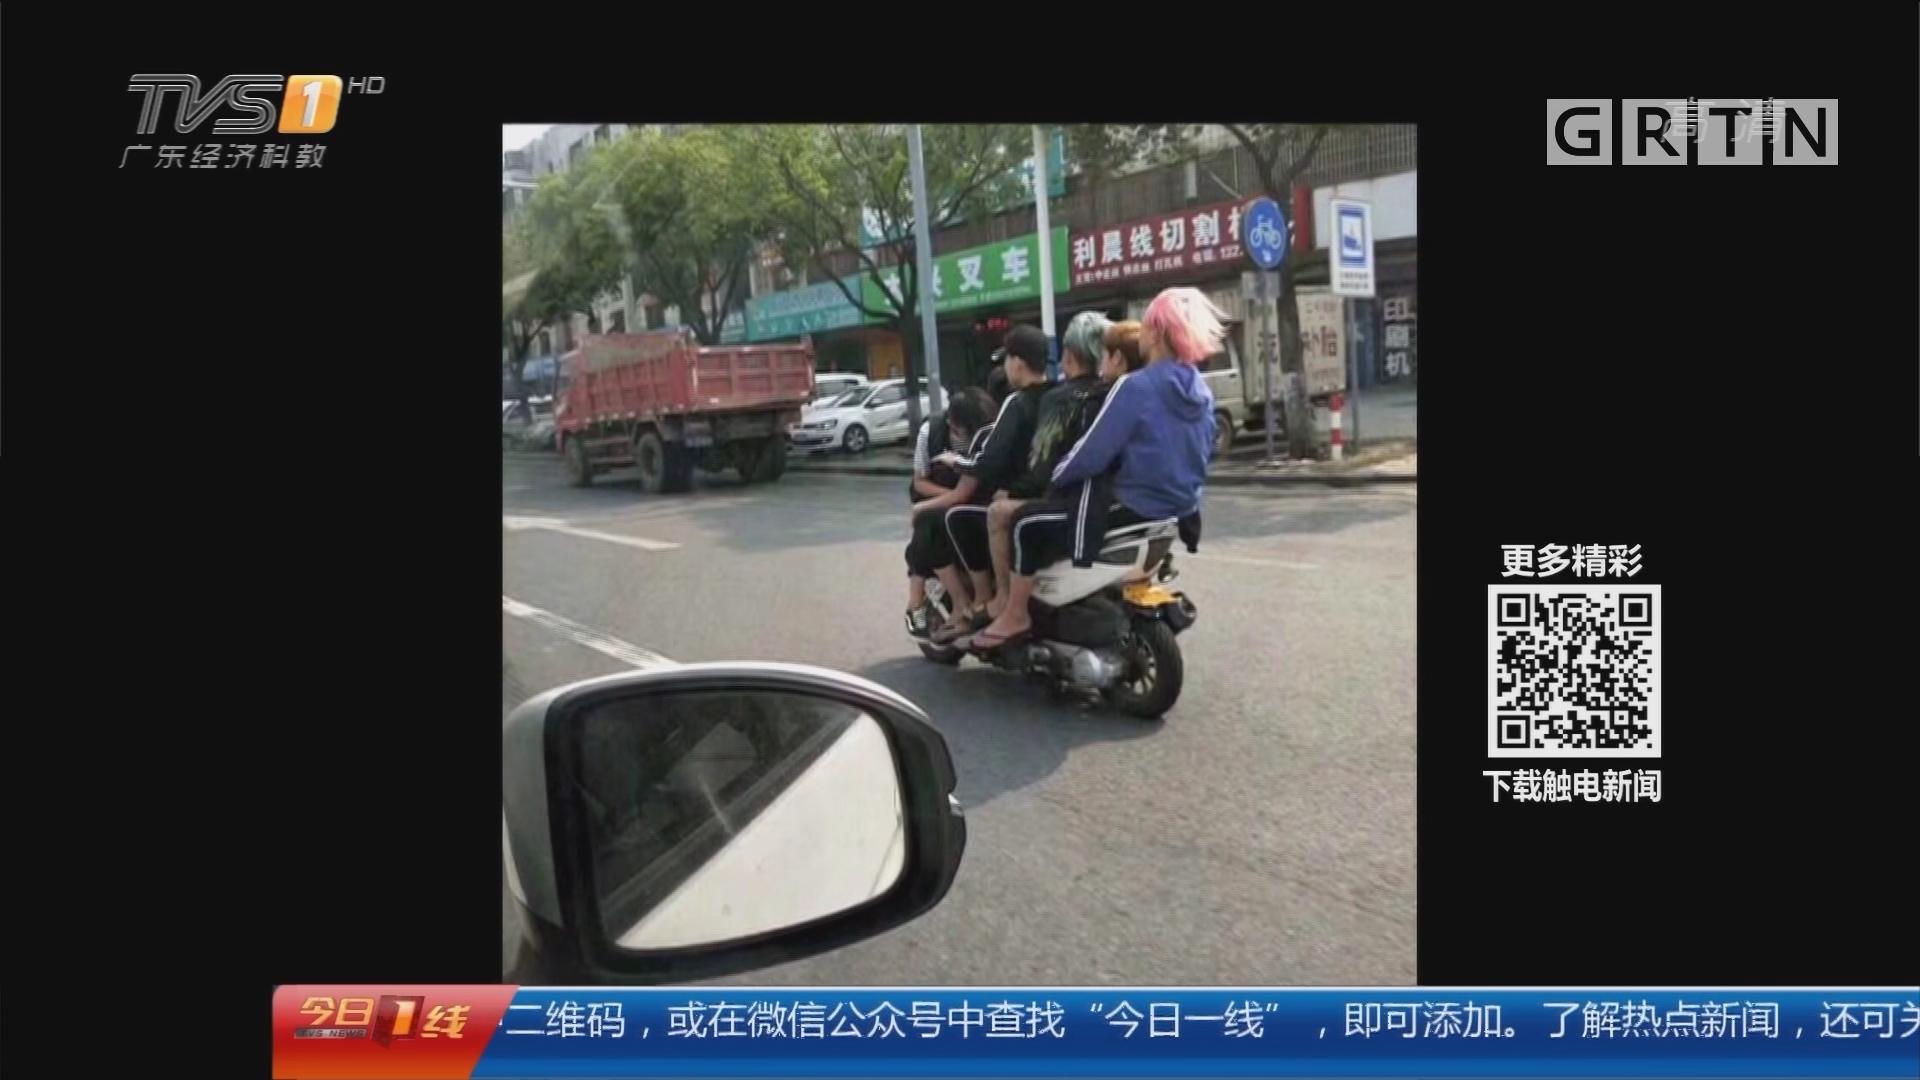 中山小榄镇:摩托车挤下六人!无牌超载上路被查